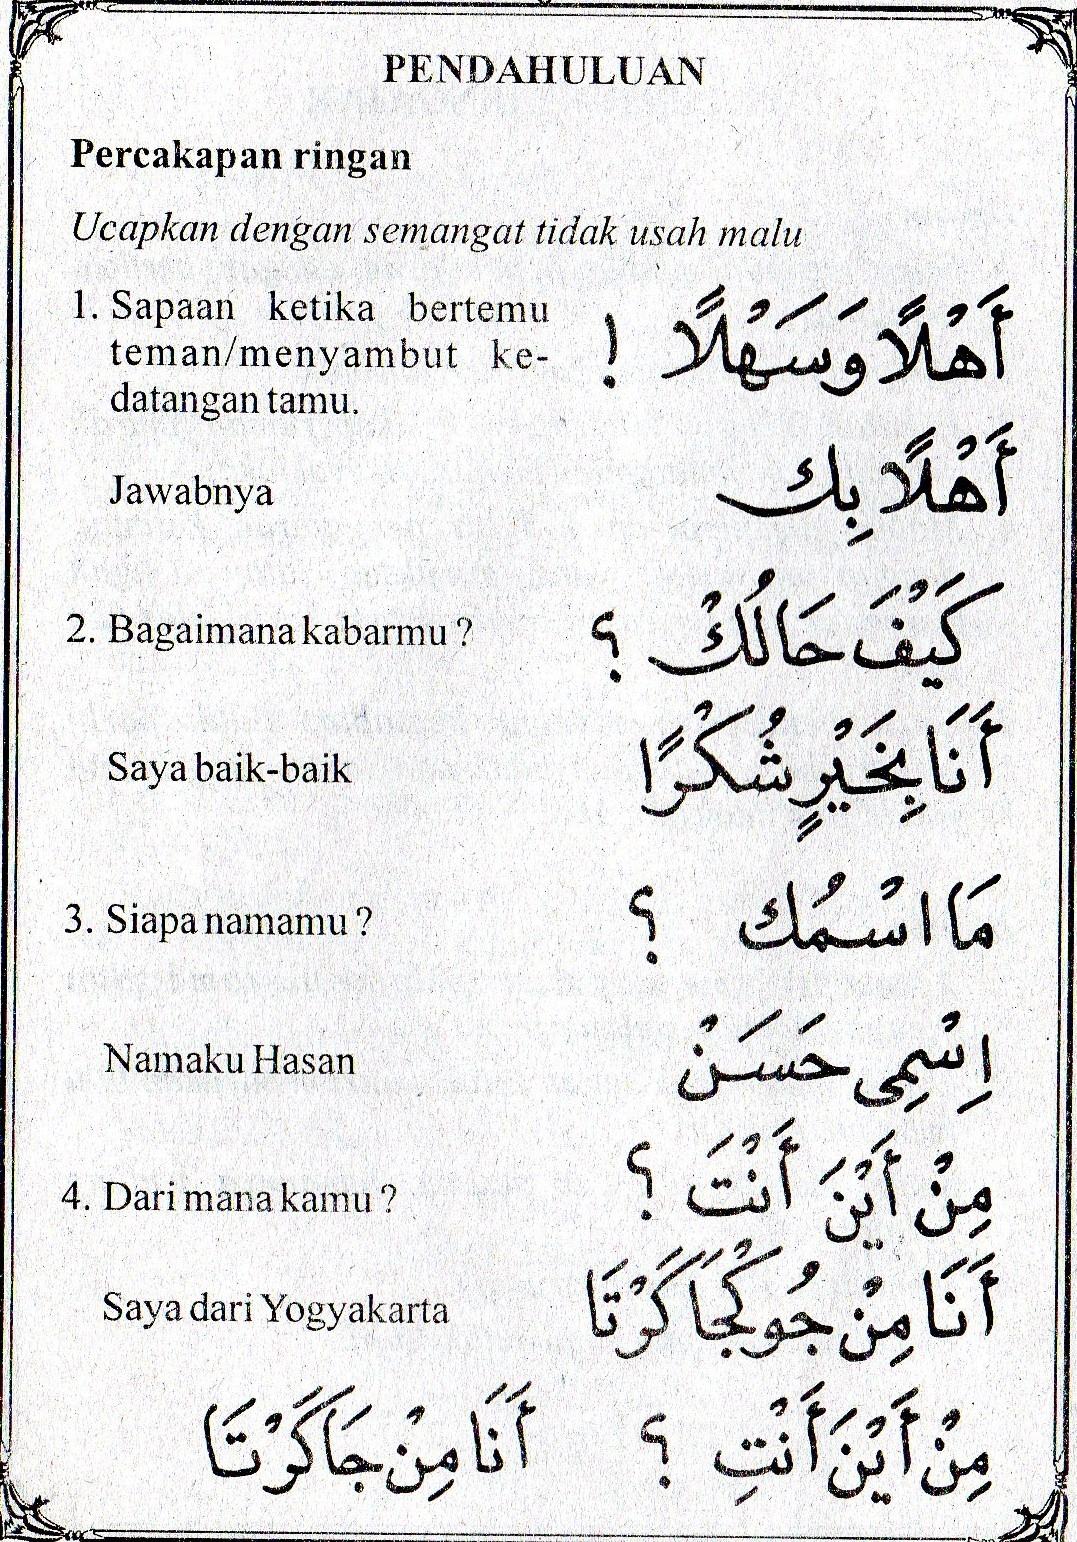 Bahasa Arab Semangat : bahasa, semangat, Percakapan, Ringan, Bahasa, Alqur'anmulia